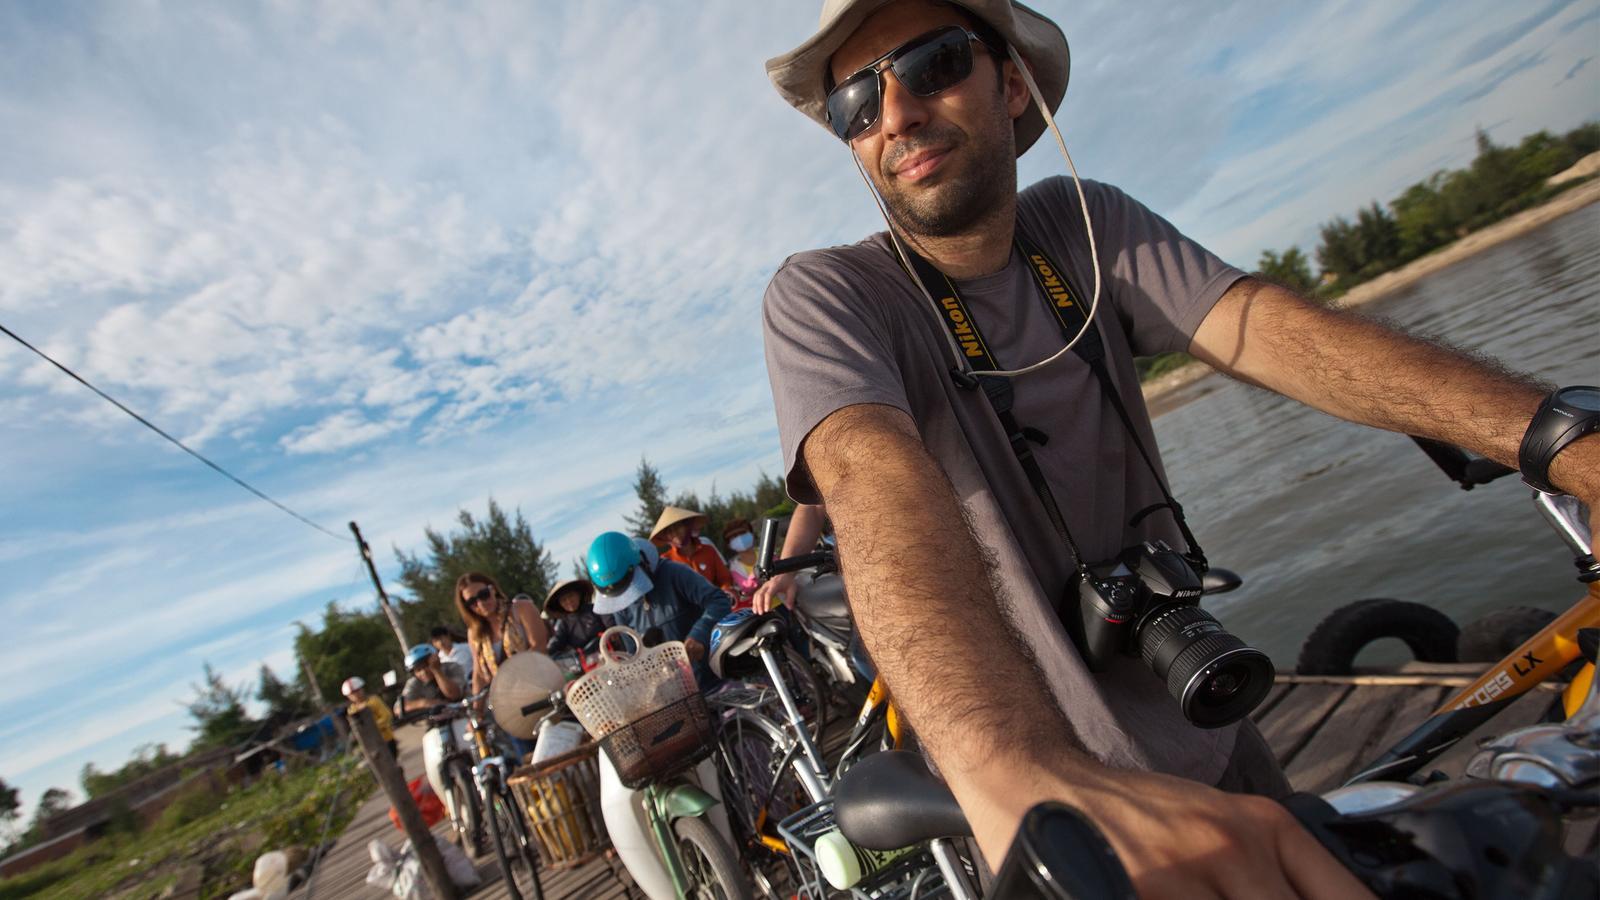 Indochina Vietnam Kambodscha Thailand mit dem Fahrrad in der Gruppe traveljunkies